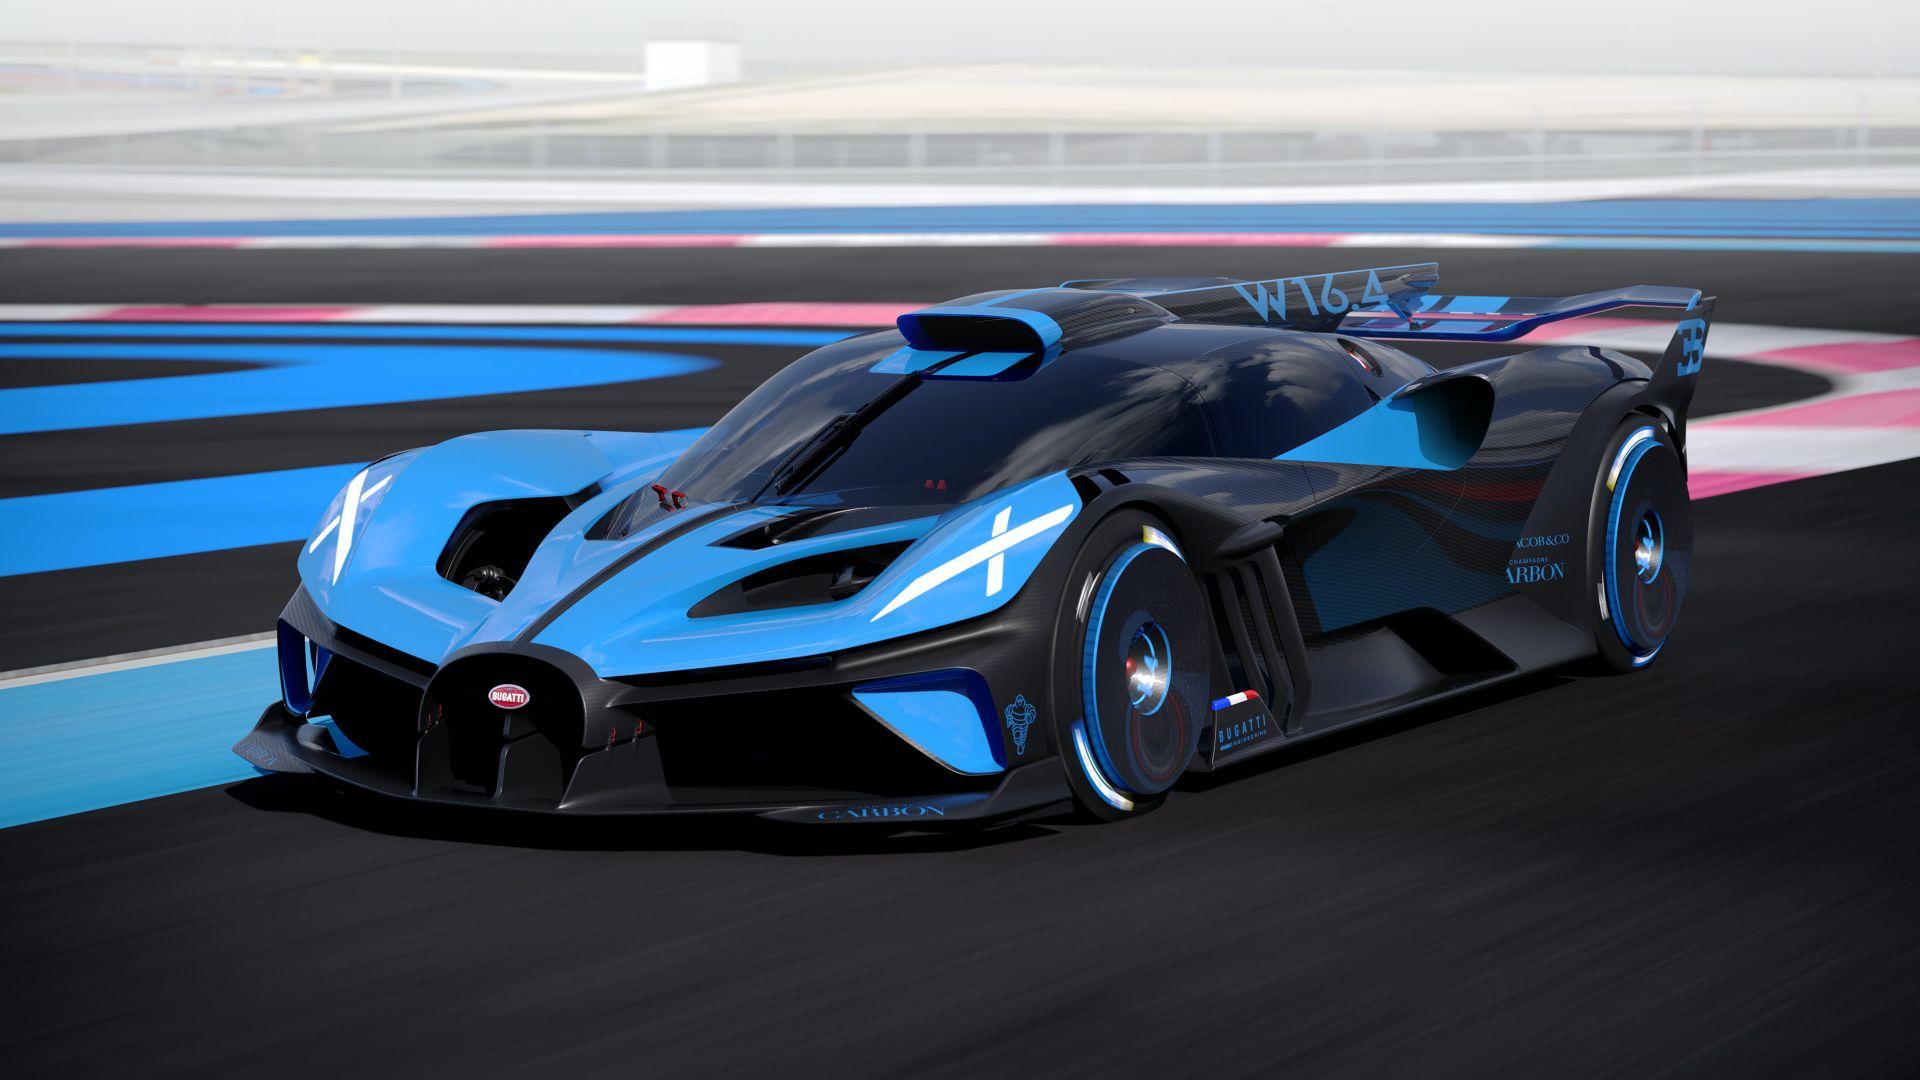 Ова е најекстремниот автомобил во историјата на Bugatti / ФОТО+ВИДЕО